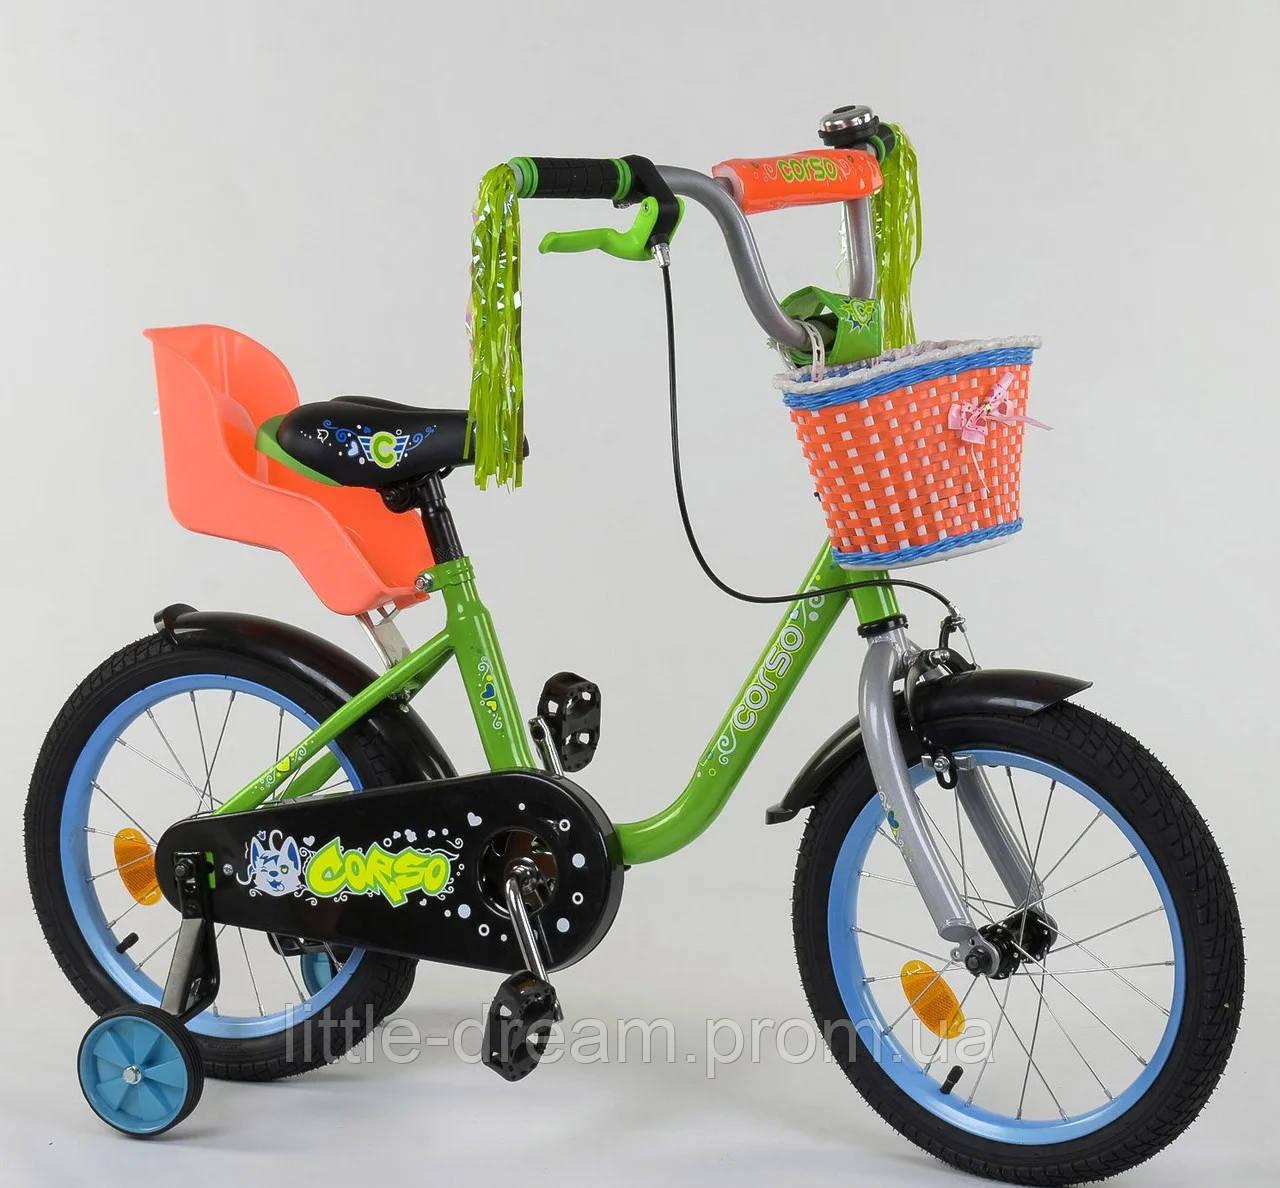 """Детский двухколёсный велосипед 16"""" с ручным тормозом колёса с надувной камерой корзинка для игрушек Corso1604"""